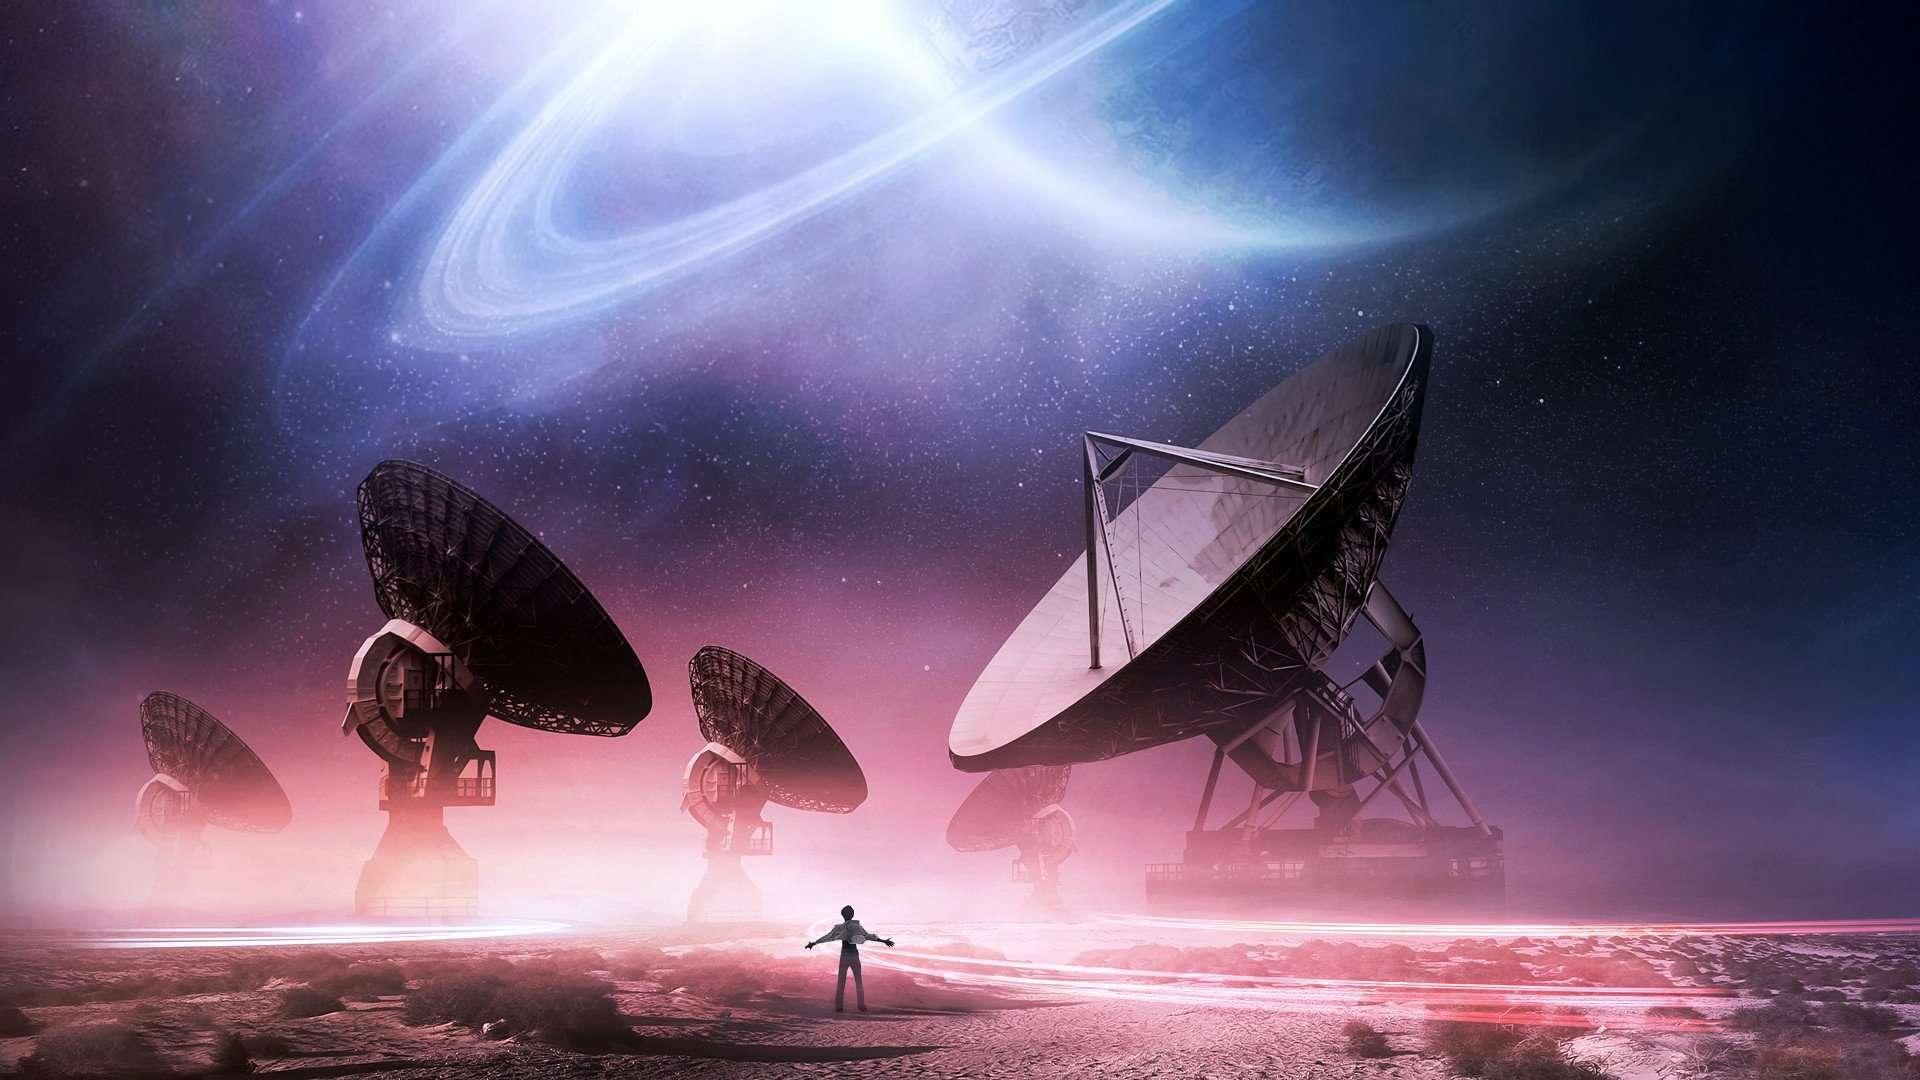 Giant antennas